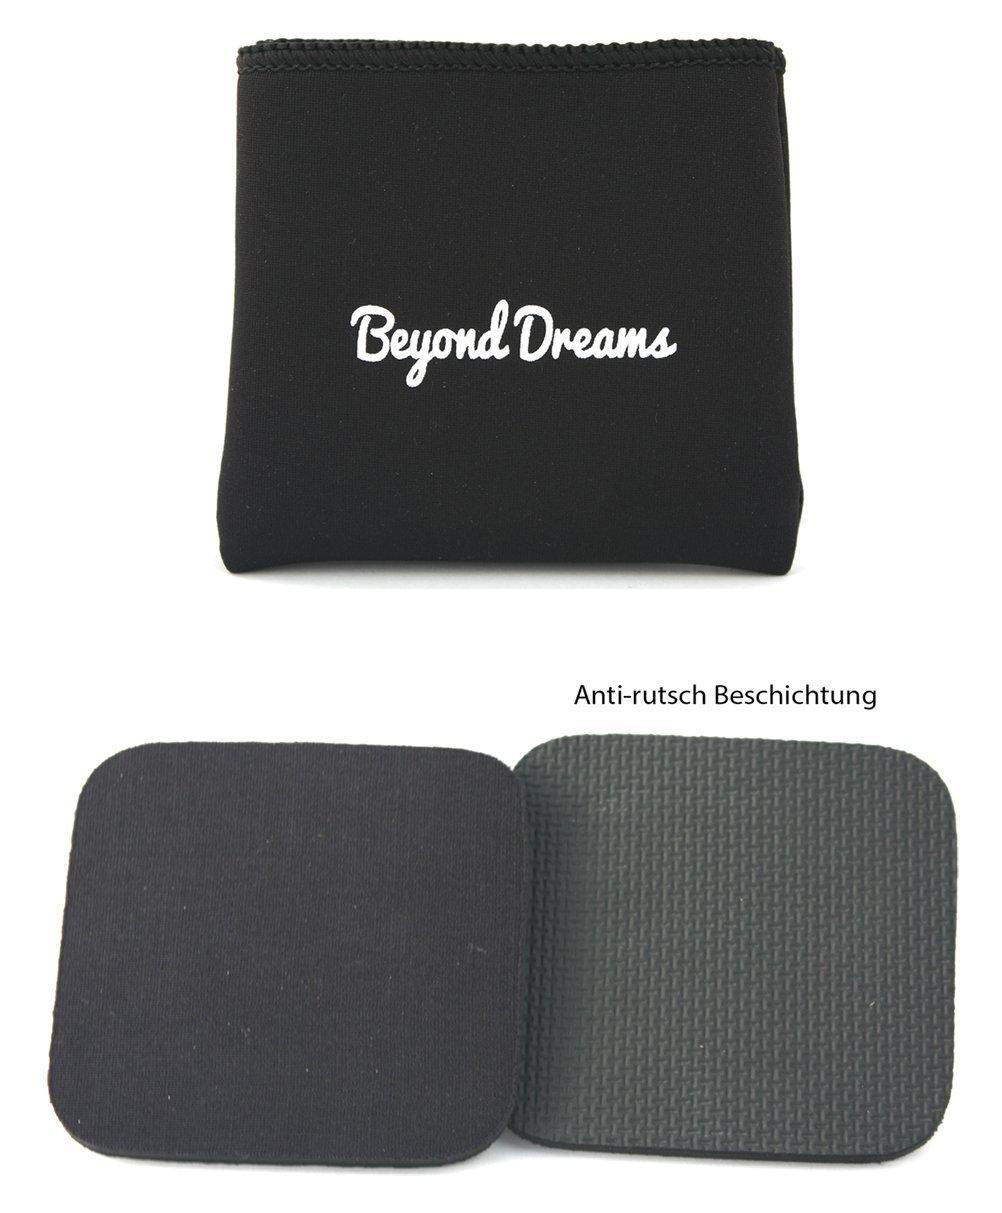 Protector acolchado de manos para fitness   alternativa a Guantes   Pads para entrenamiento de gimnasio y crossfit, protecció n contra callos y burbujas   Beyond Dreams, negro